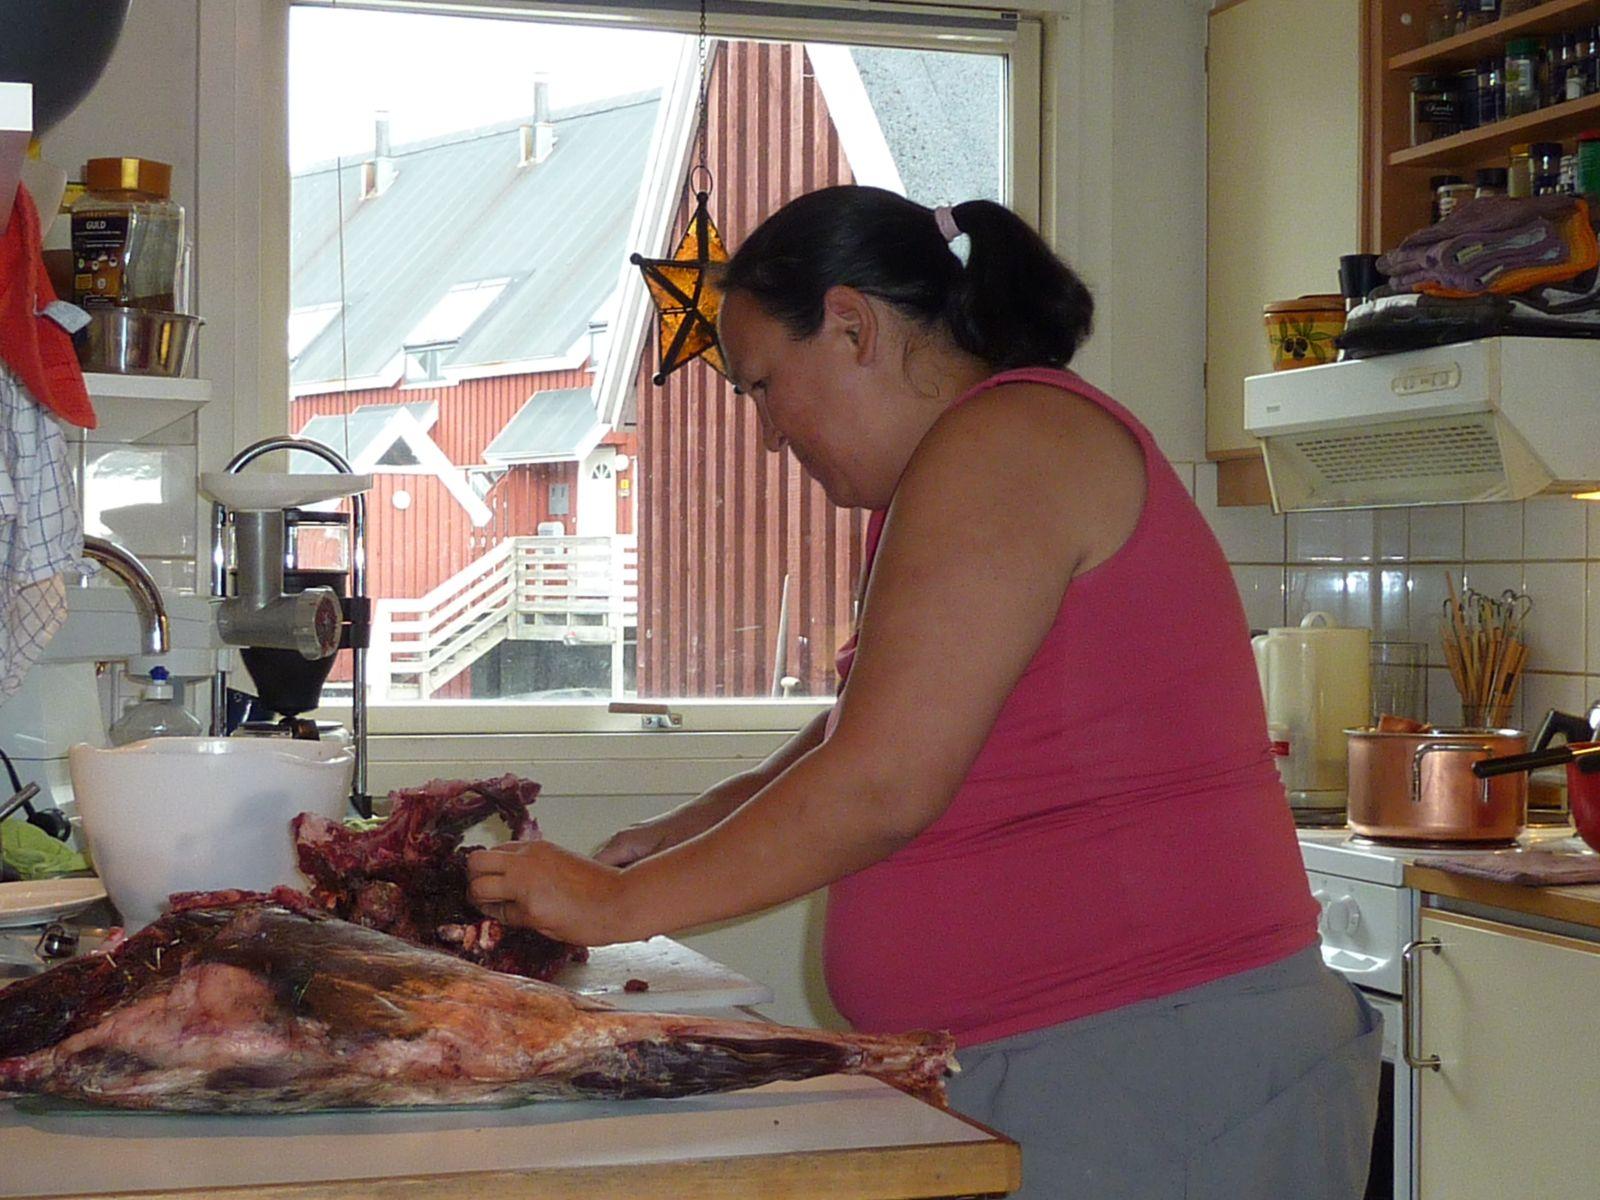 2010-09-11-1605_-_Maren Mikkelsen Lennert; Moskuskød